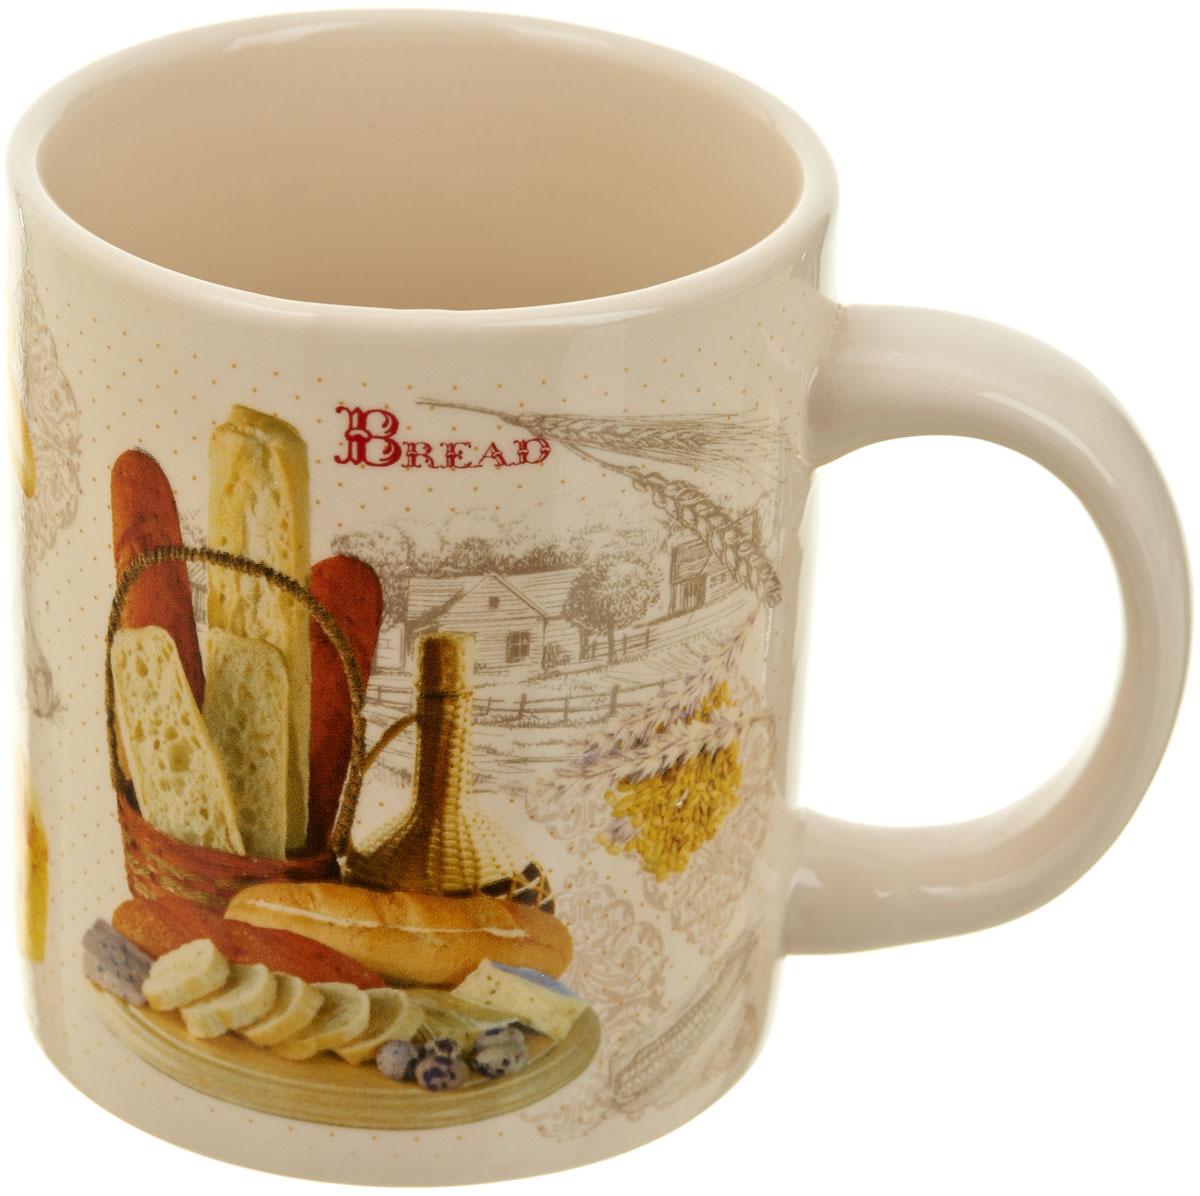 """Кружка """"Хлеб"""", выполненная из высококачественной керамики, украшена рисунком. Изделие оснащено удобной ручкой. Кружка сочетает в себе оригинальный дизайн и функциональность. Благодаря такой кружке пить напитки будет еще вкуснее."""